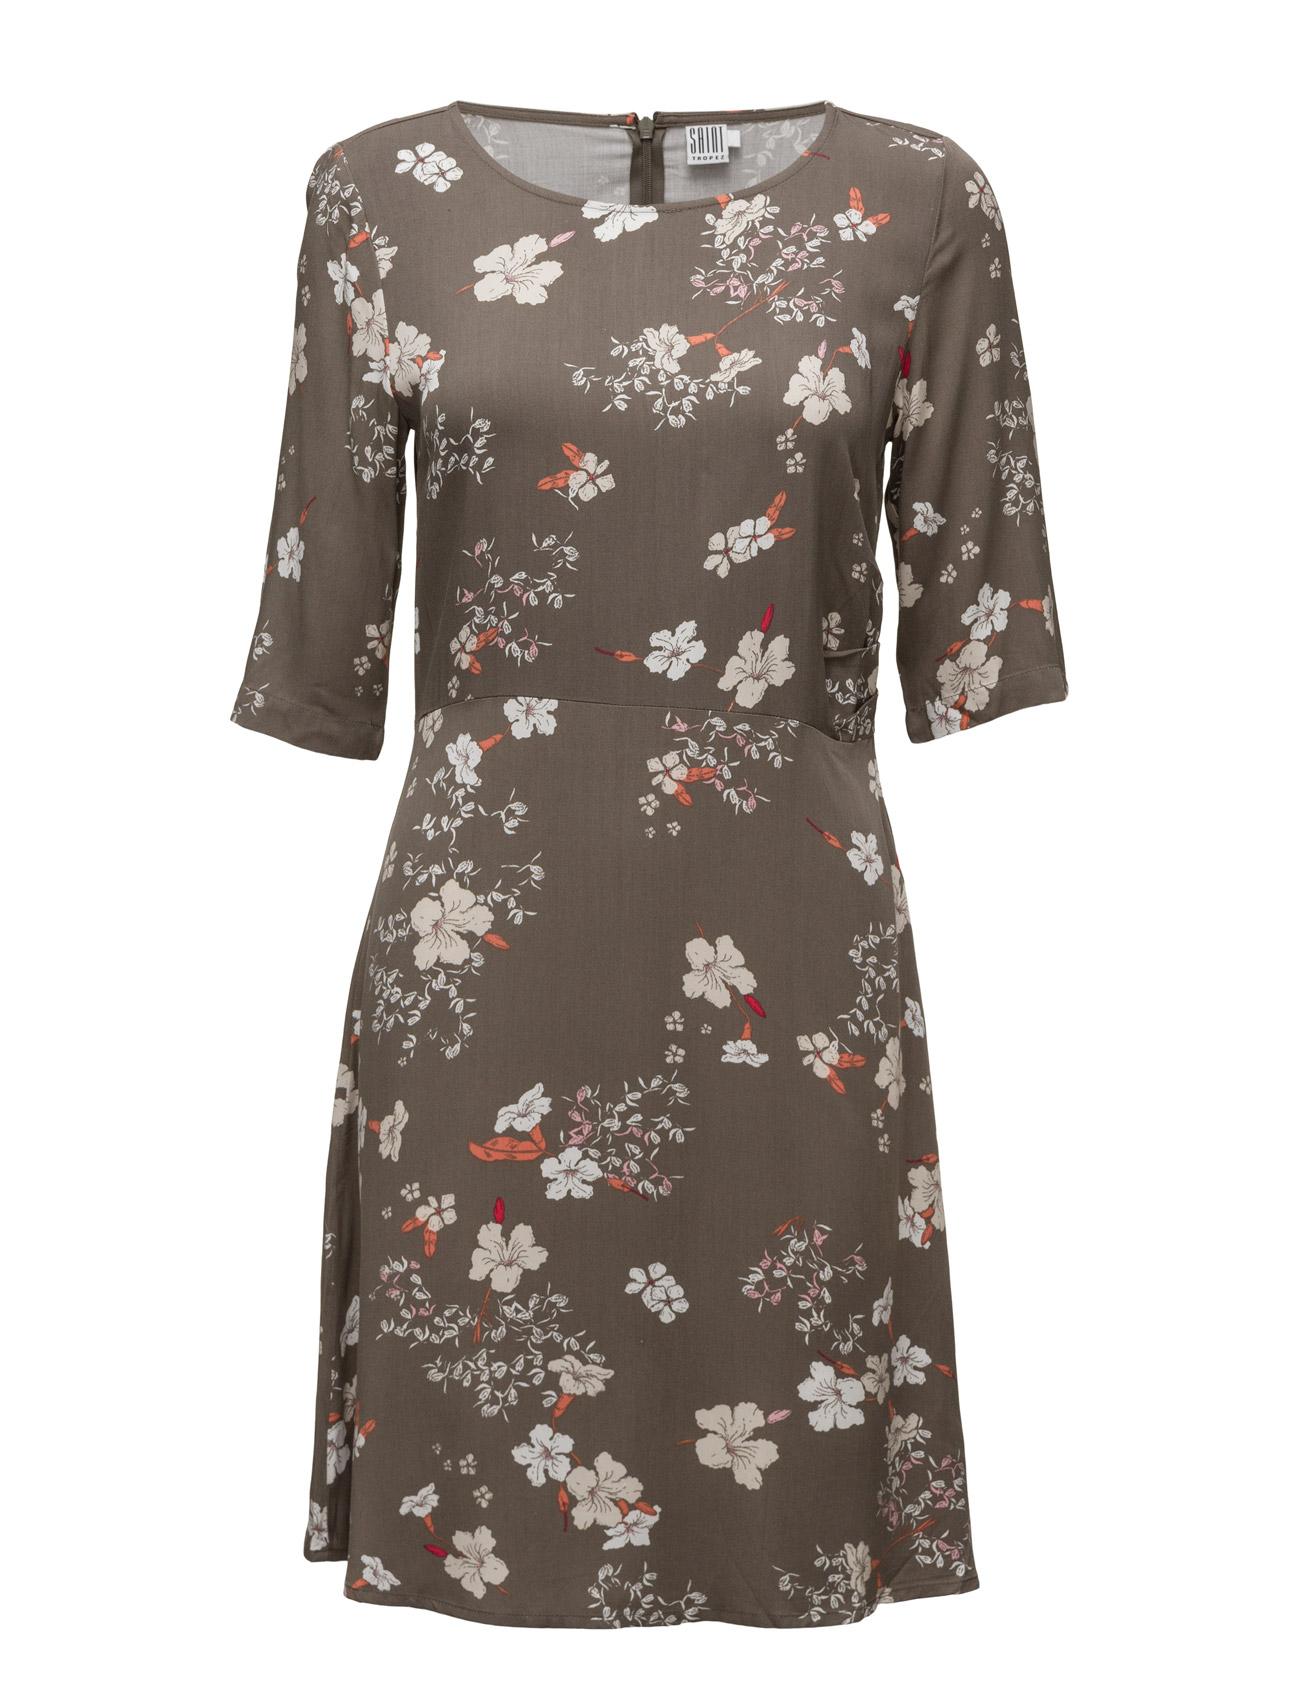 Flower Printed Woven Dress Saint Tropez Kjoler til Kvinder i